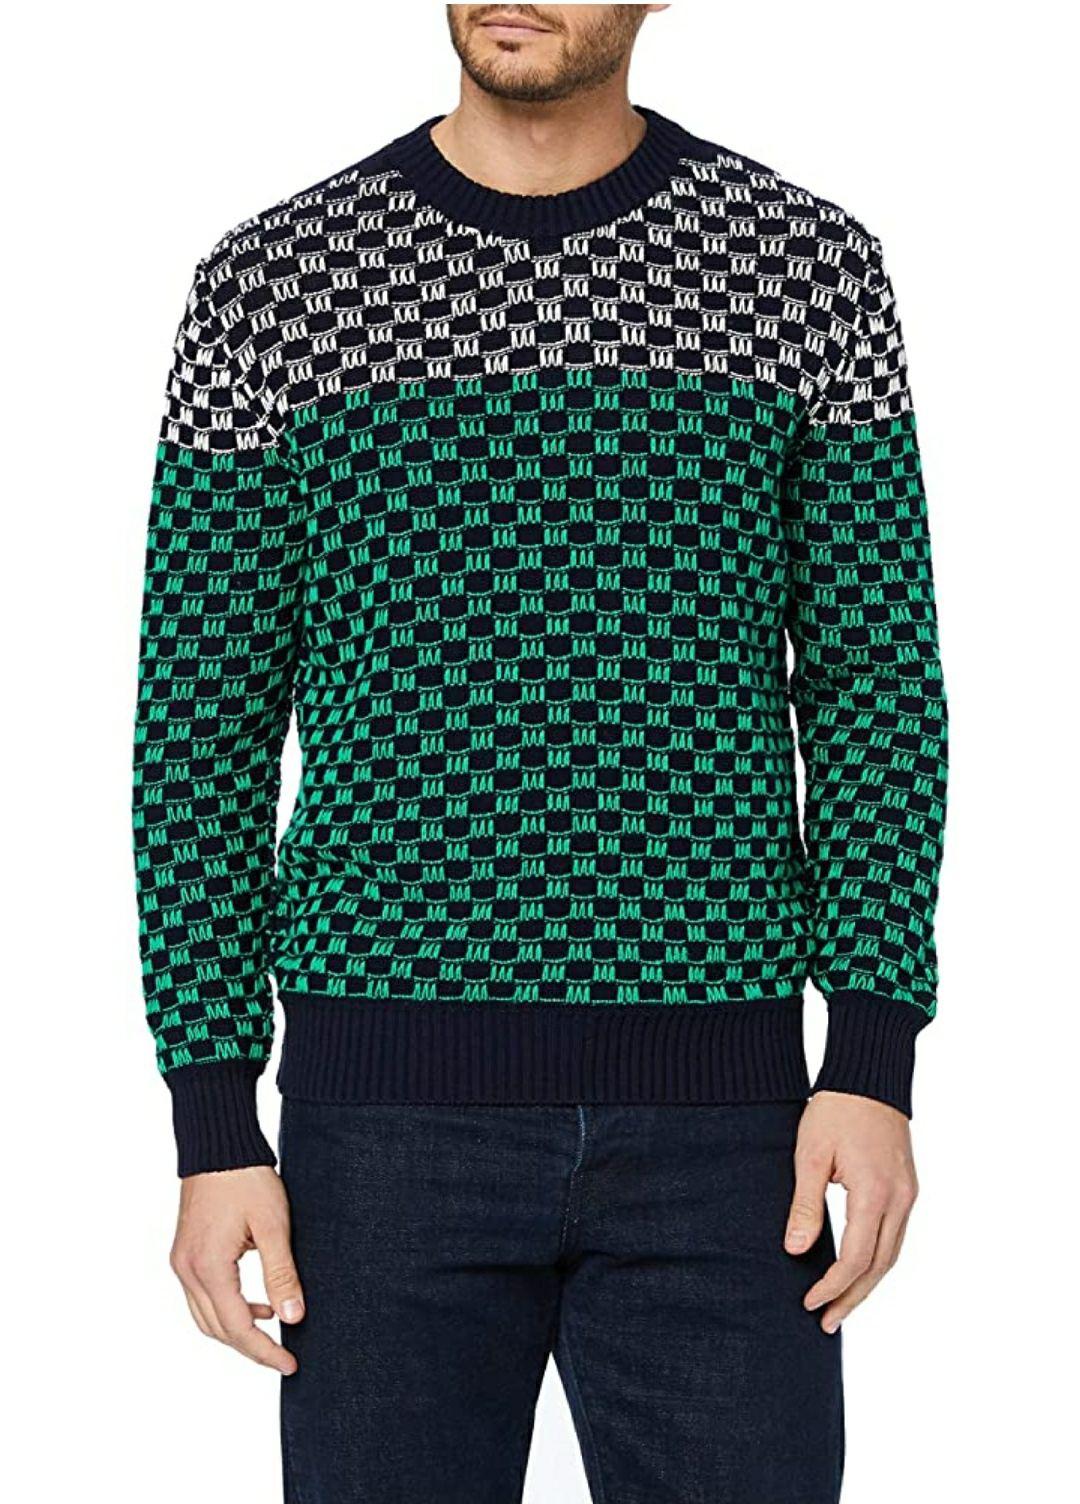 TALLA S - United Colors of Benetton Maglia G/C M/L Jersey para Hombre